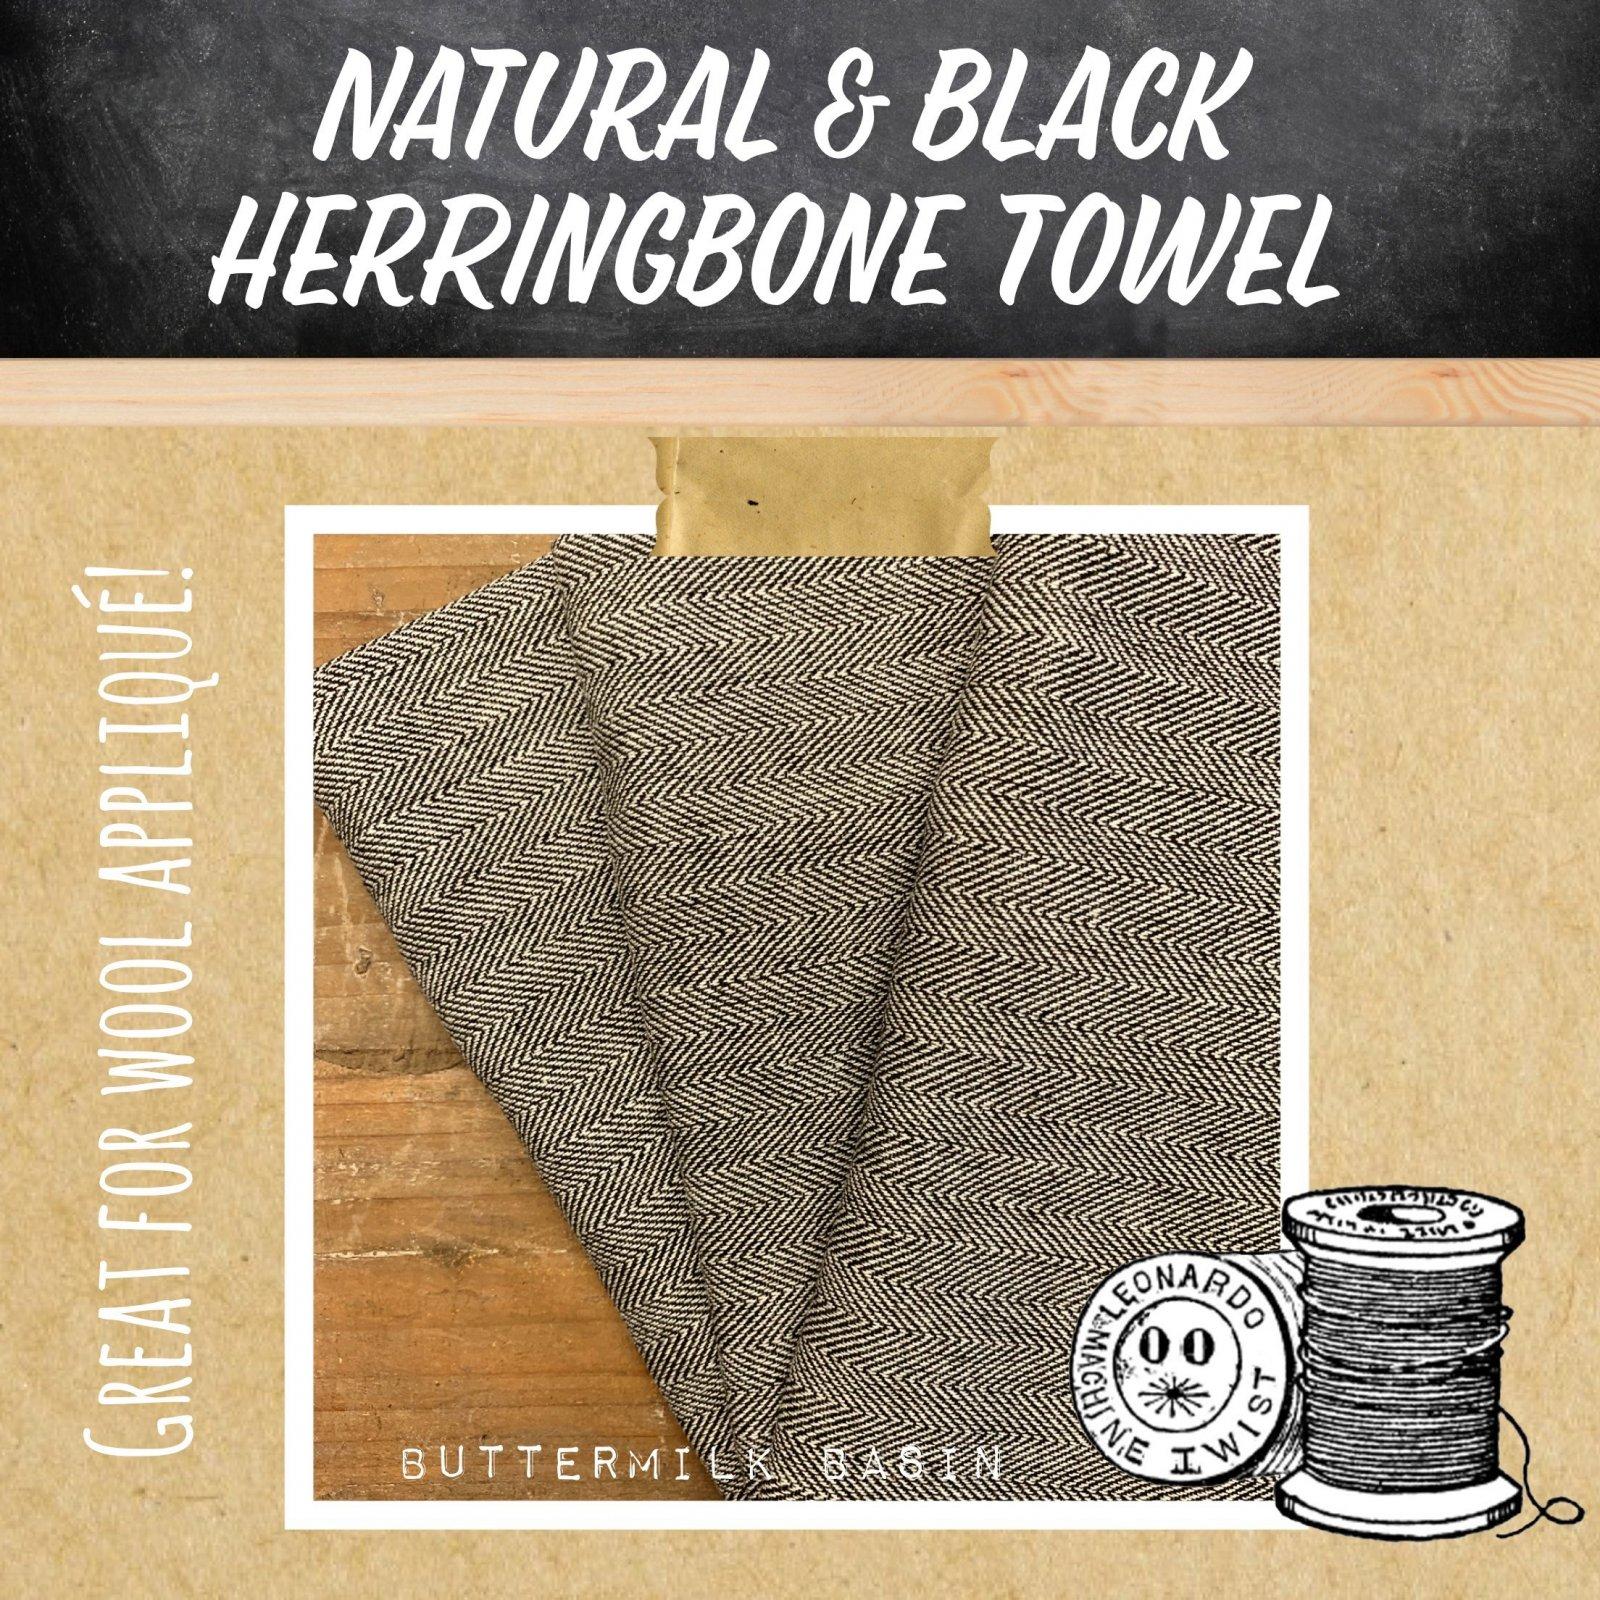 Natural & Black Herringbone Tea Towel